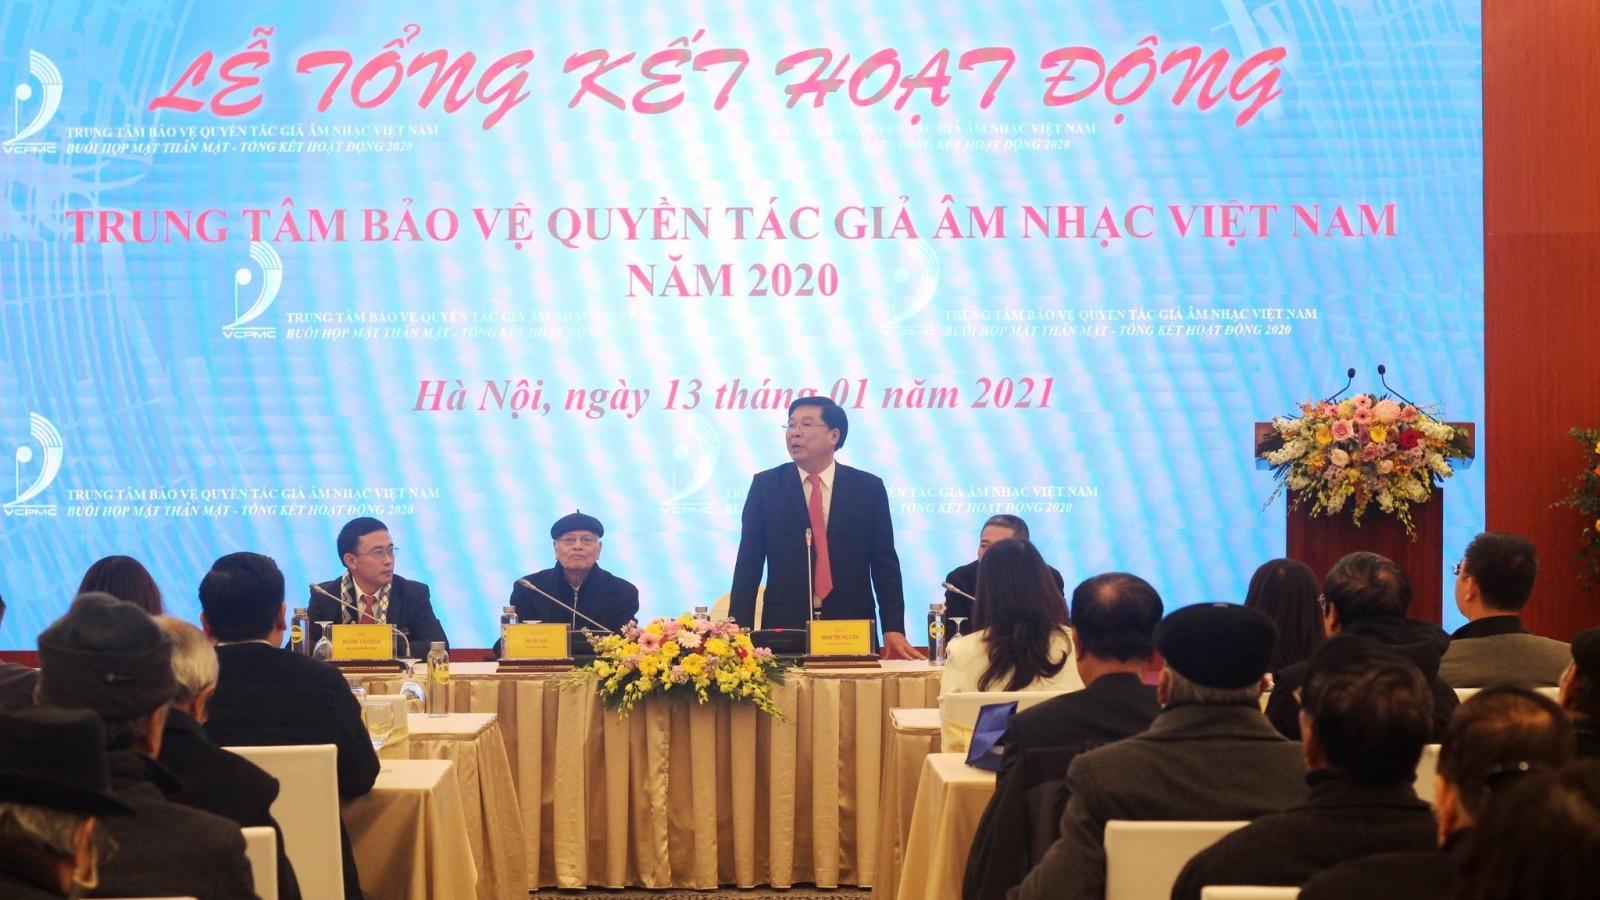 Trung tâm Bảo vệ Quyền Tác giả Âm nhạc Việt Nam thu hơn 150 tỷ đồng trong năm 2020